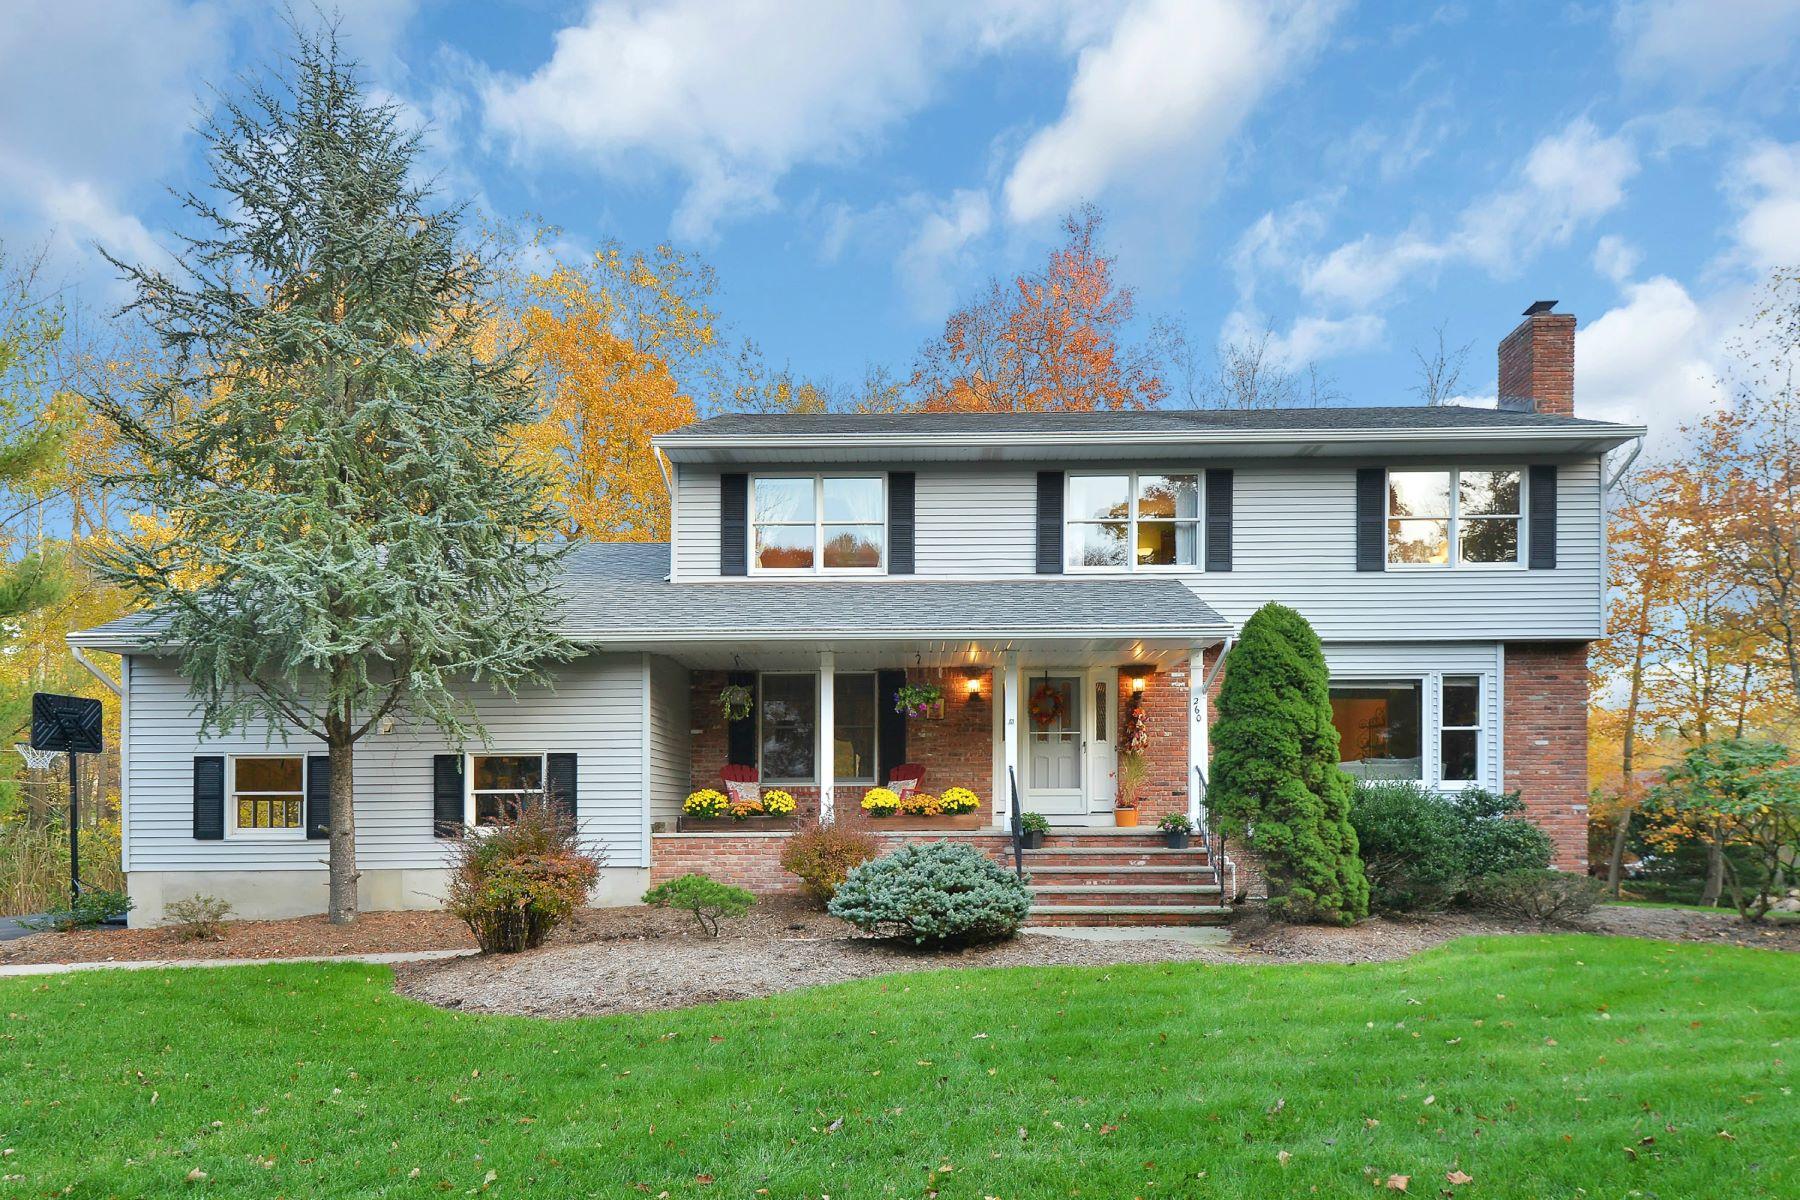 Частный односемейный дом для того Продажа на Center Hall Colonial 260 Knoll Drive Park Ridge, Нью-Джерси 07656 Соединенные Штаты